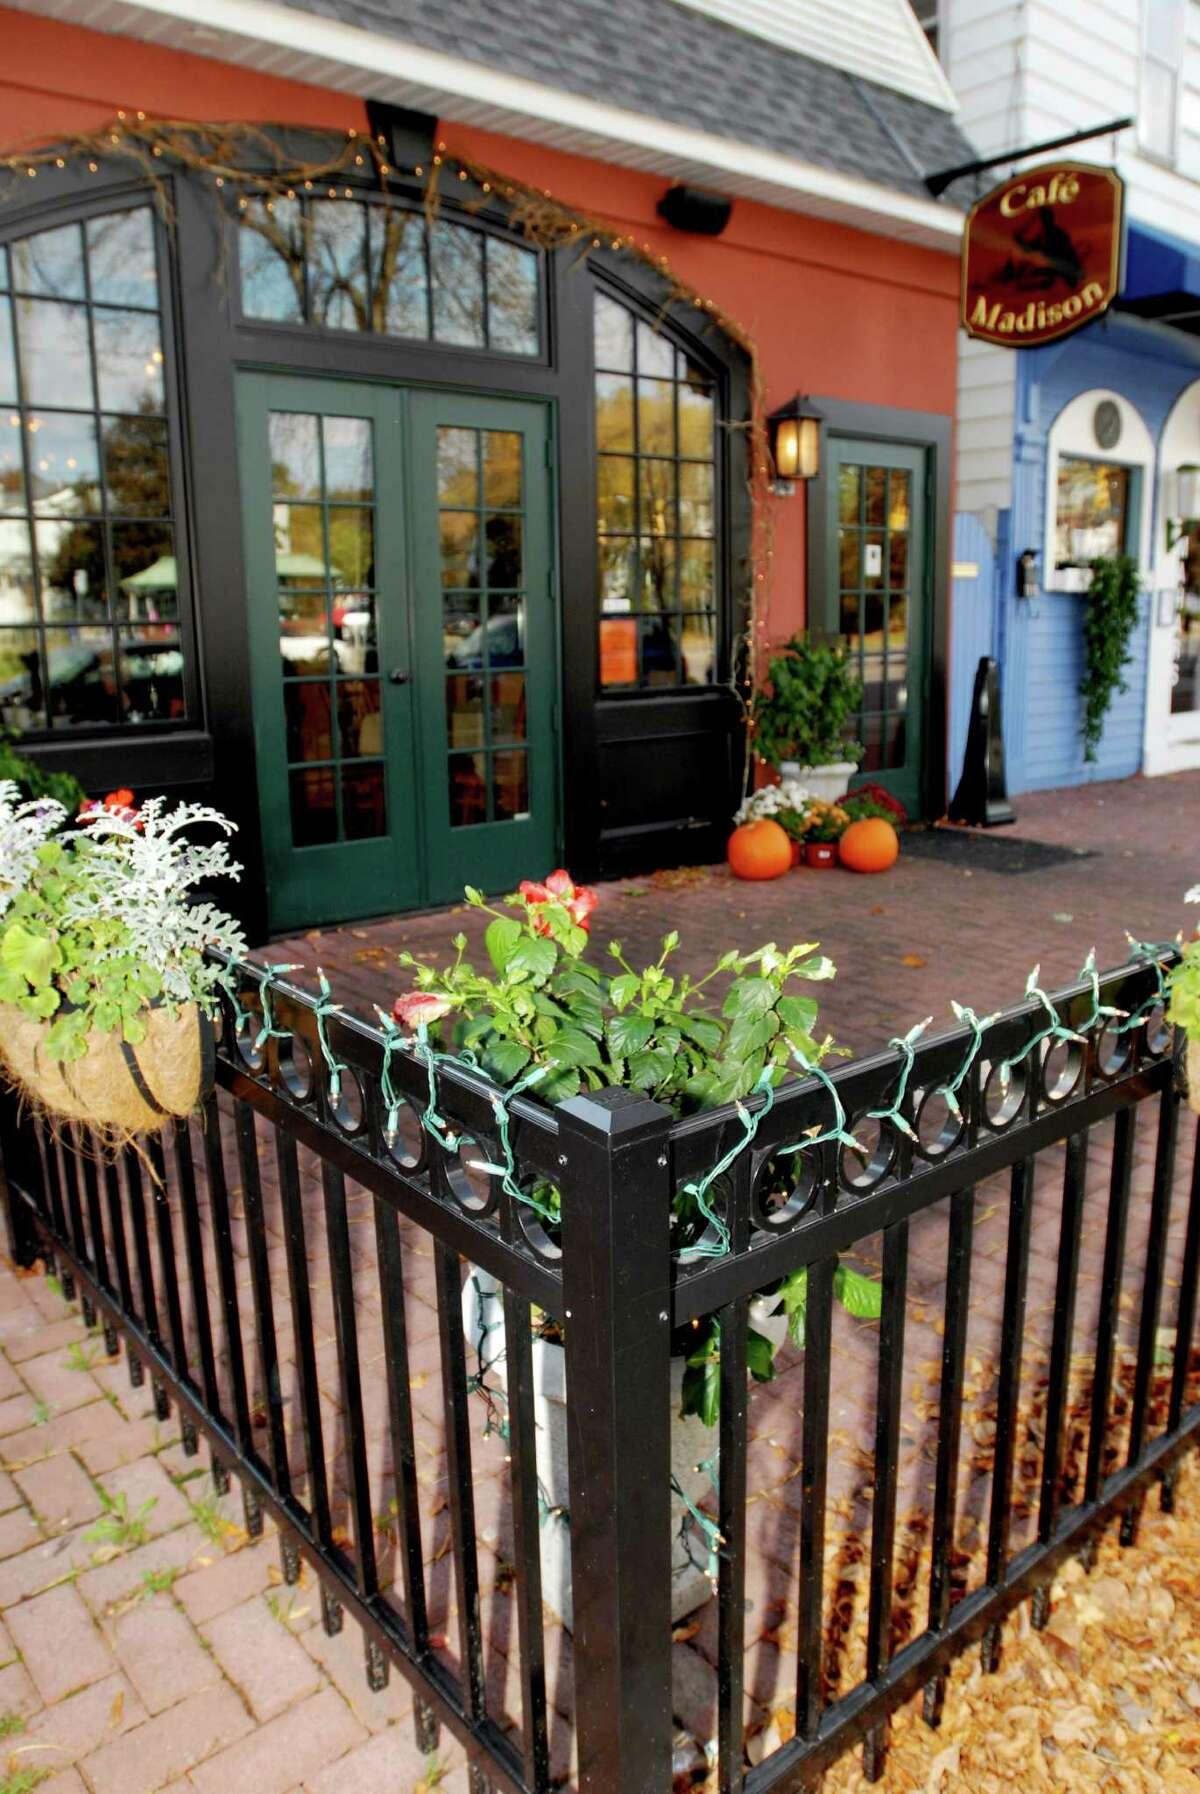 Cafe Madison, 1108 Madison Ave., Albany.